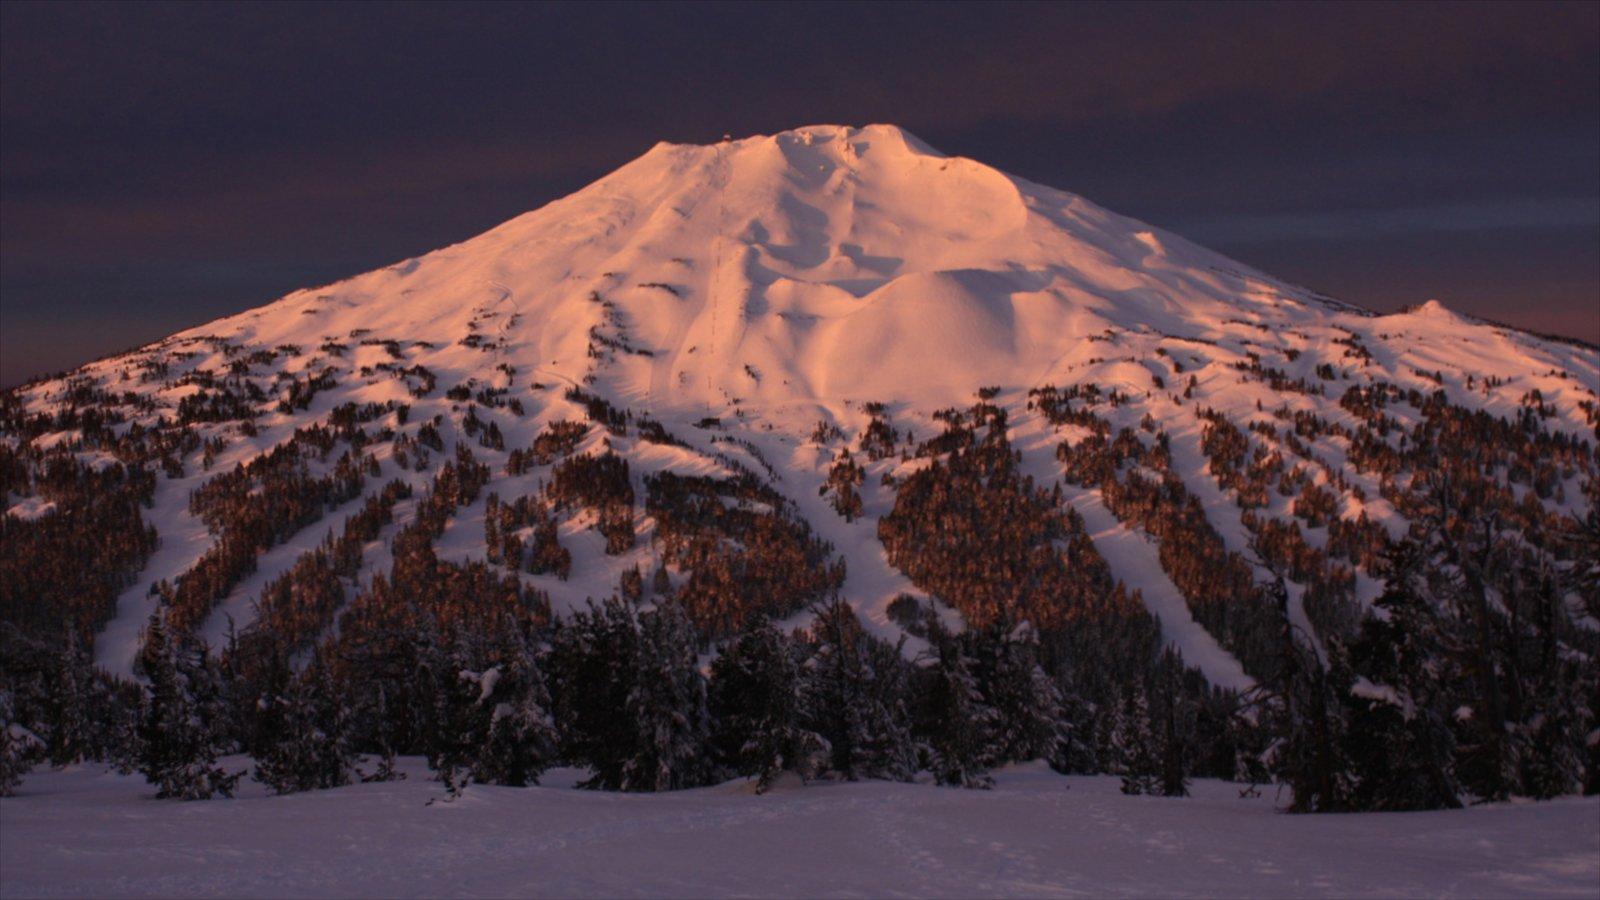 Mt Bachelor Ski Resort que incluye una puesta de sol, nieve y montañas